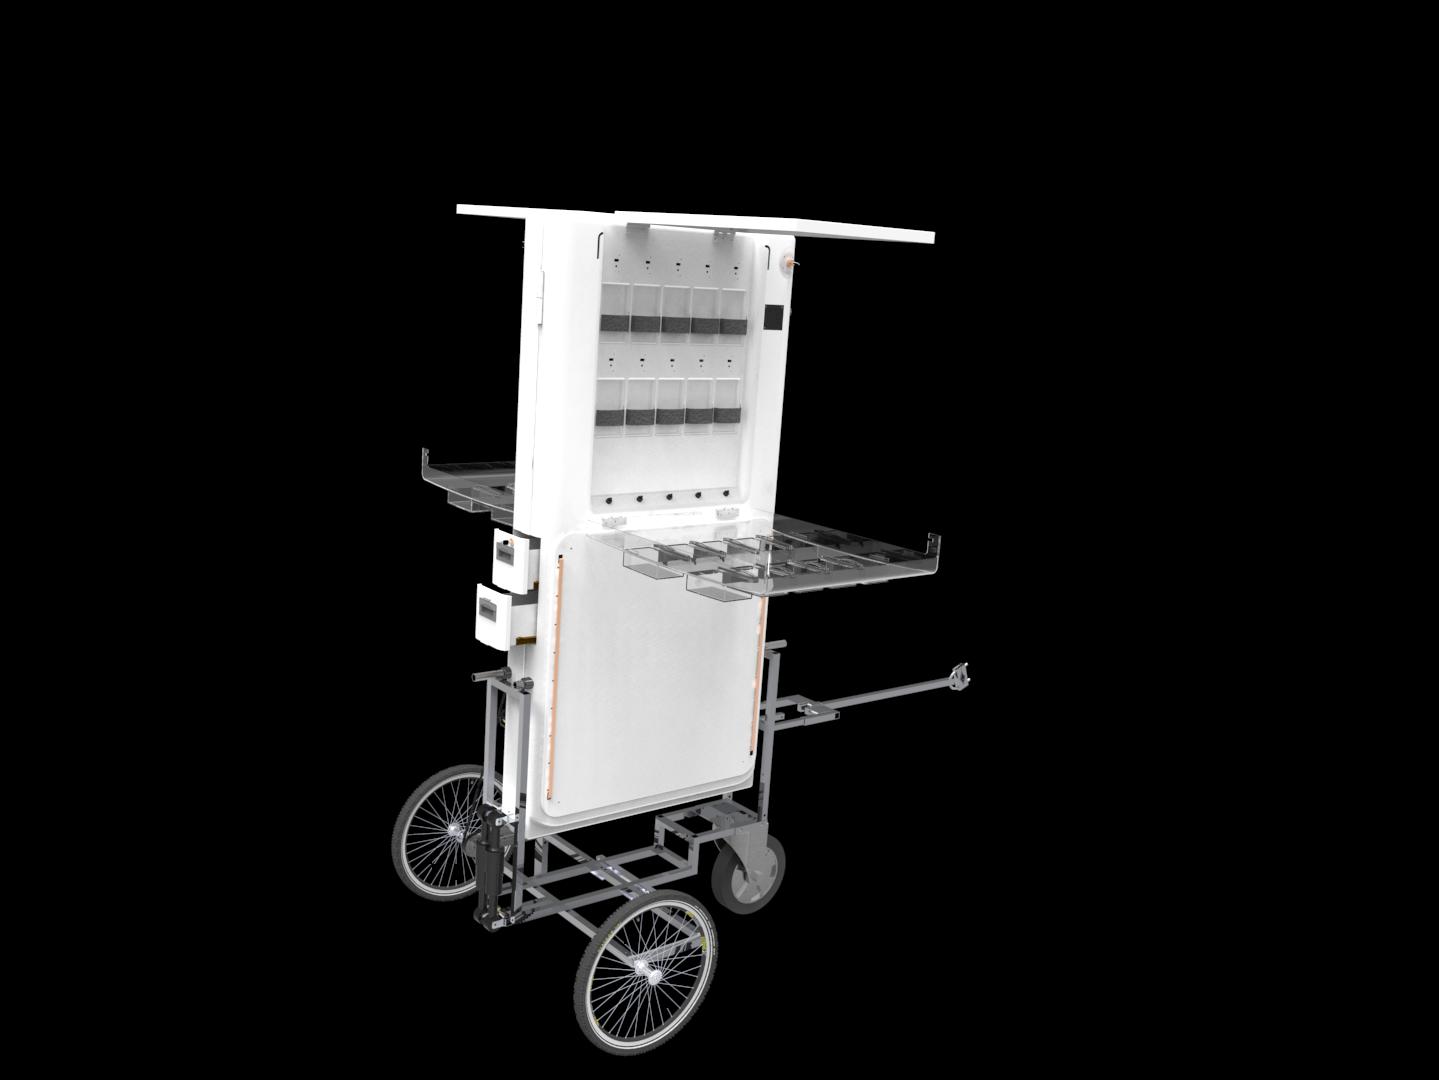 Solar mobile charging kiosk indiegogo for Mobili kios